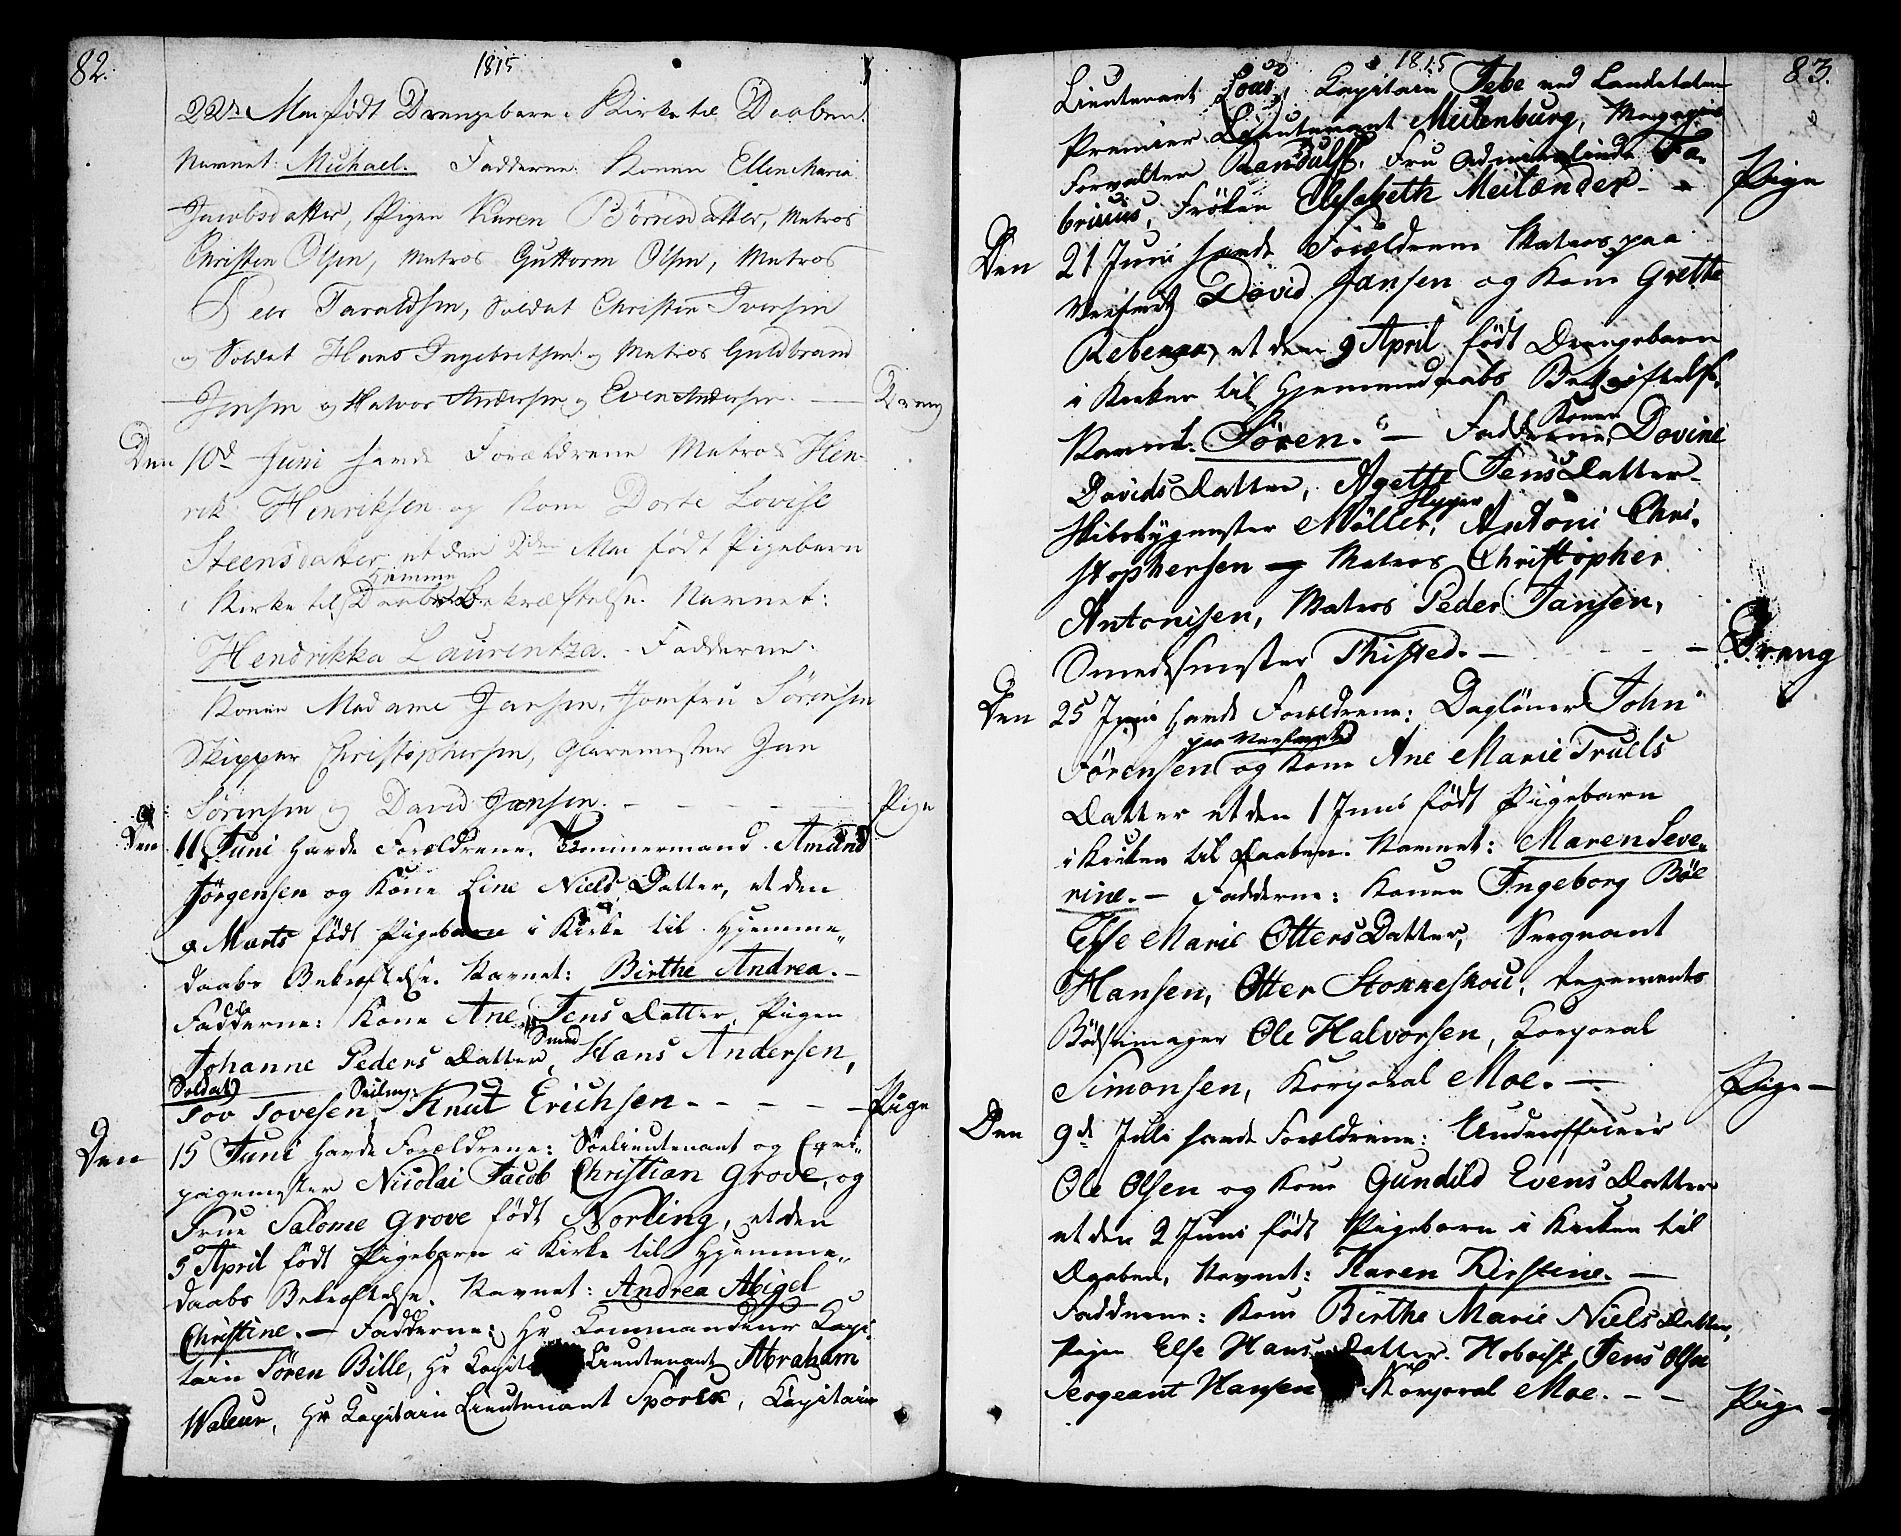 SAKO, Stavern kirkebøker, F/Fa/L0004: Ministerialbok nr. 4, 1809-1816, s. 82-83